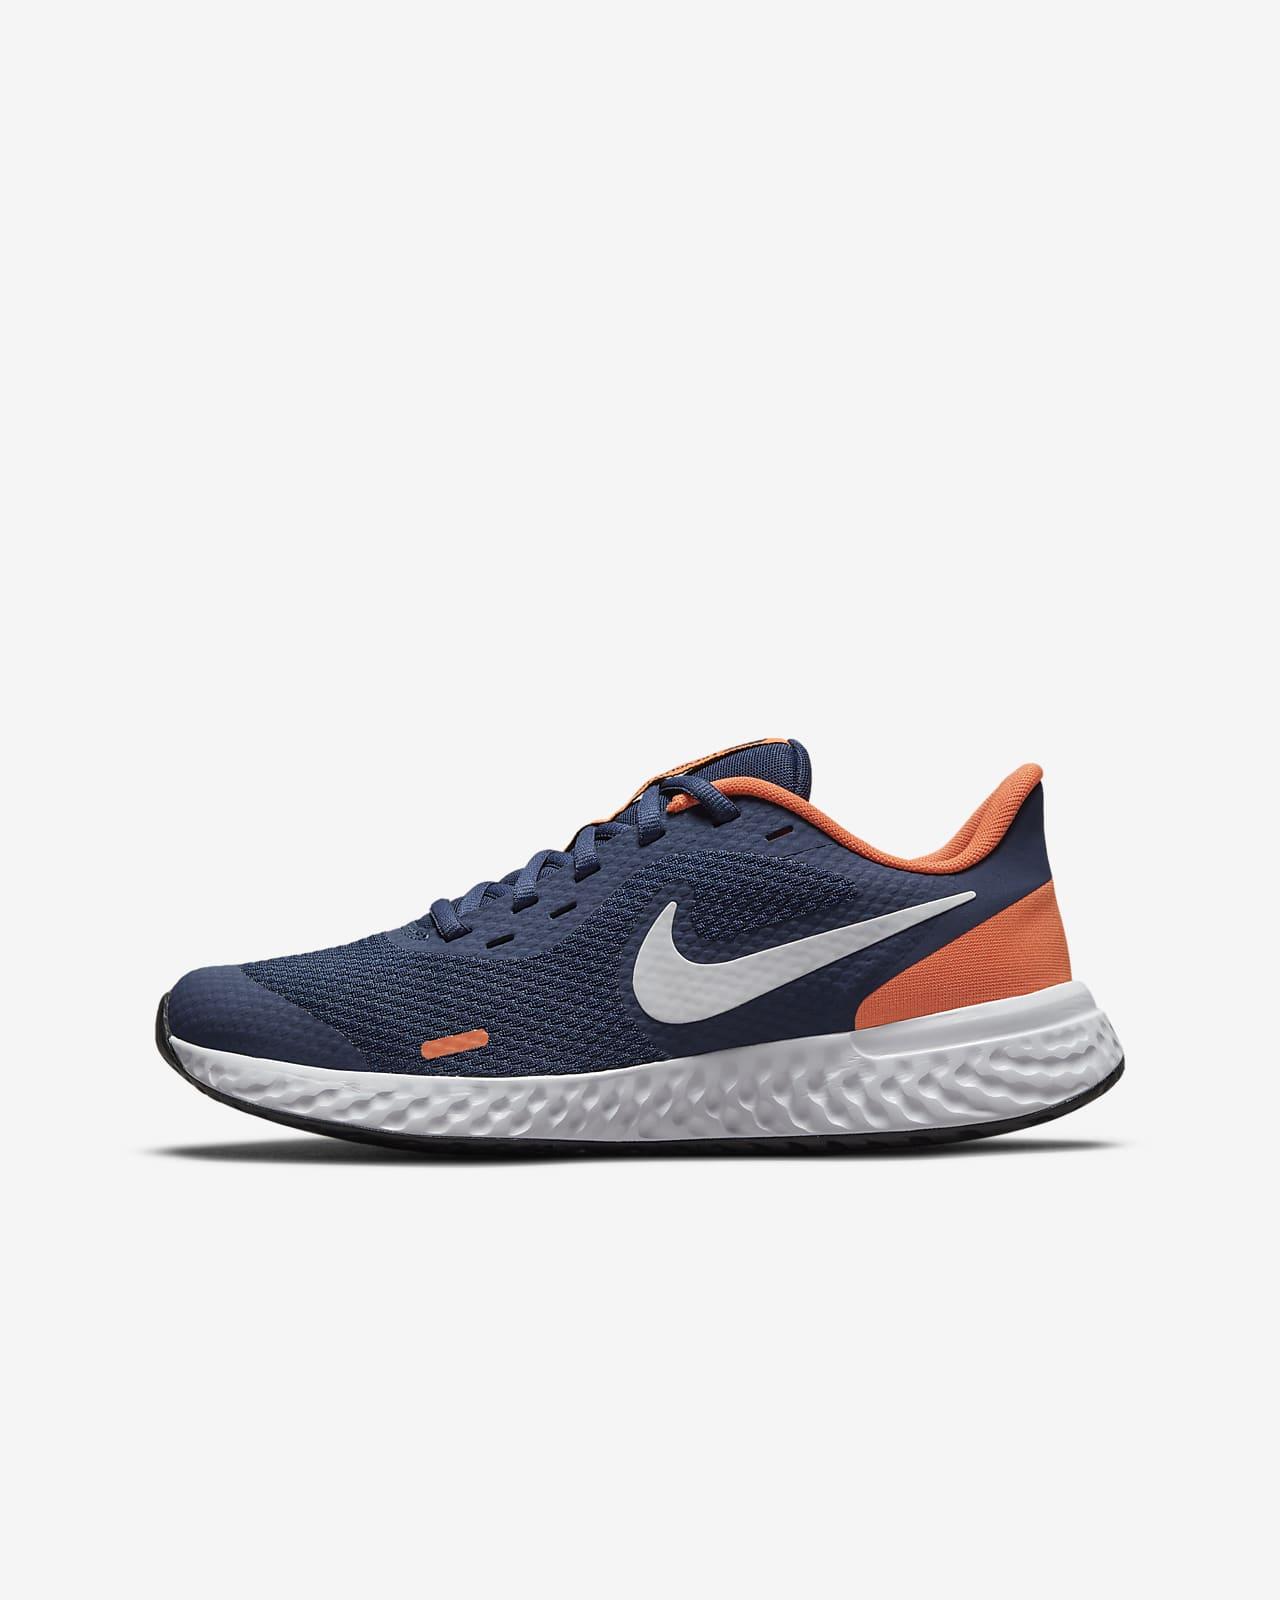 Παπούτσι για τρέξιμο σε δρόμο Nike Revolution 5 για μεγάλα παιδιά